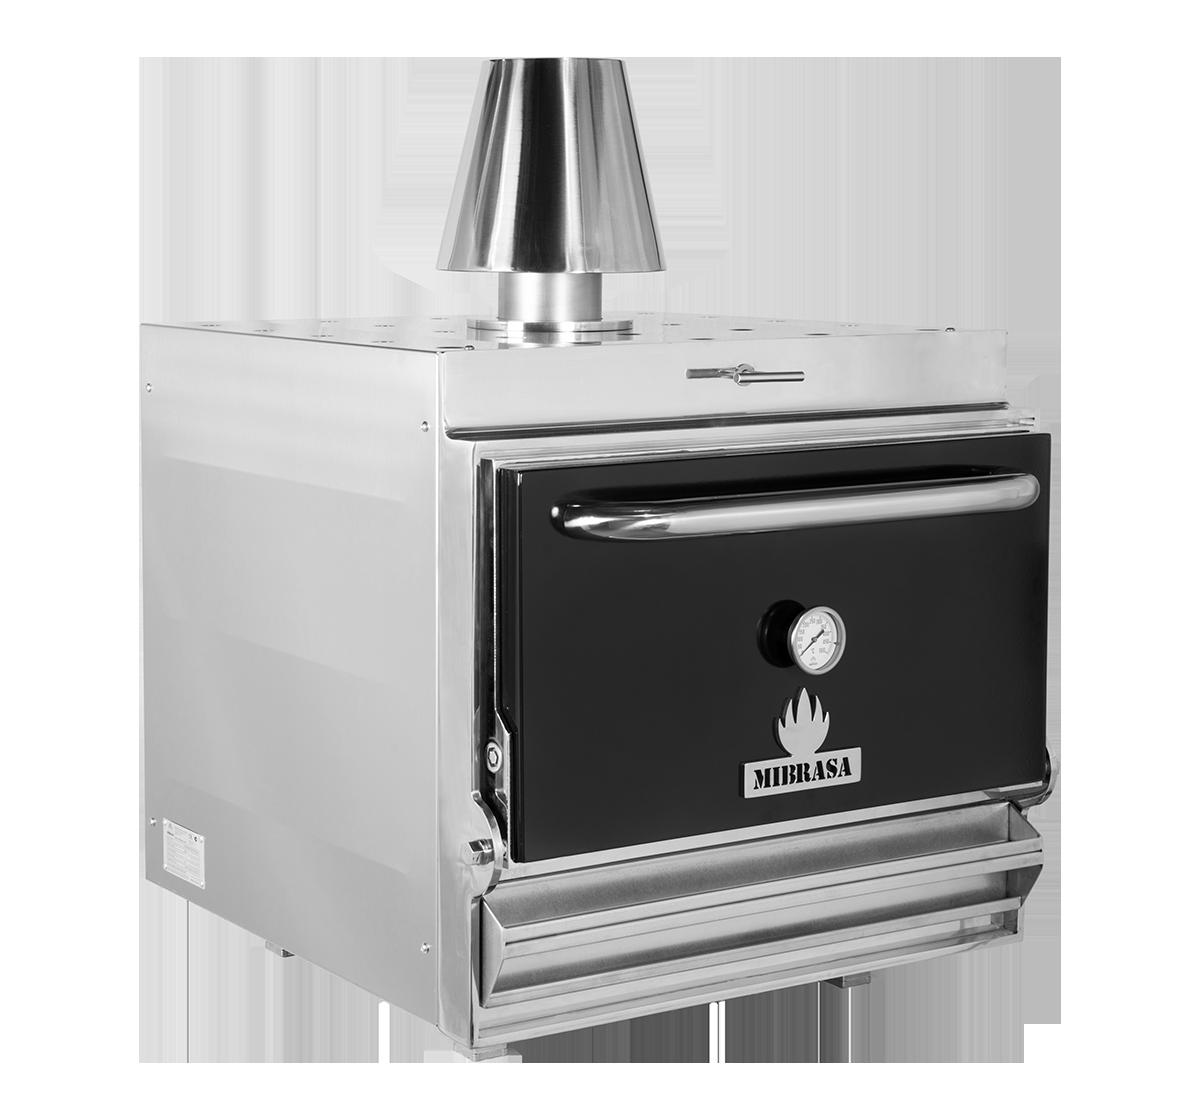 Mibrasa Worktop Oven